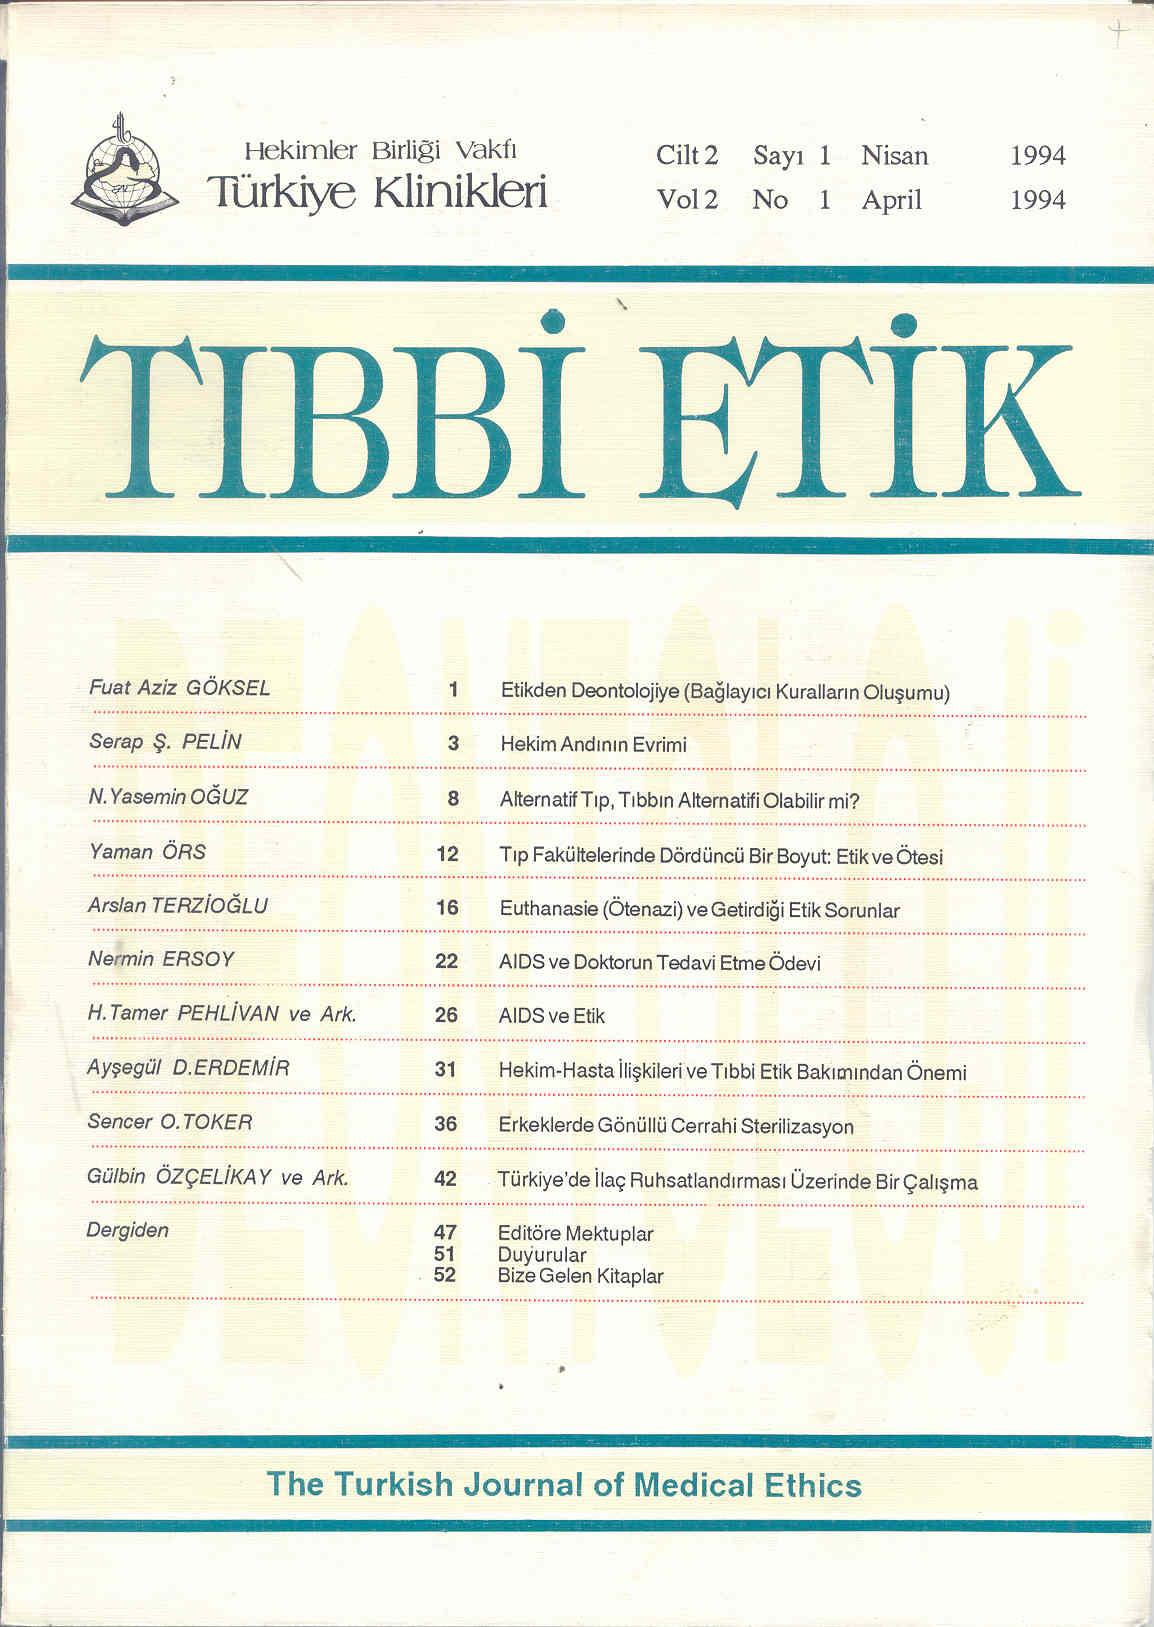 Klinikleri tıp etiği hukuku tarihi dergisi 1994 cilt 2 sayı 1